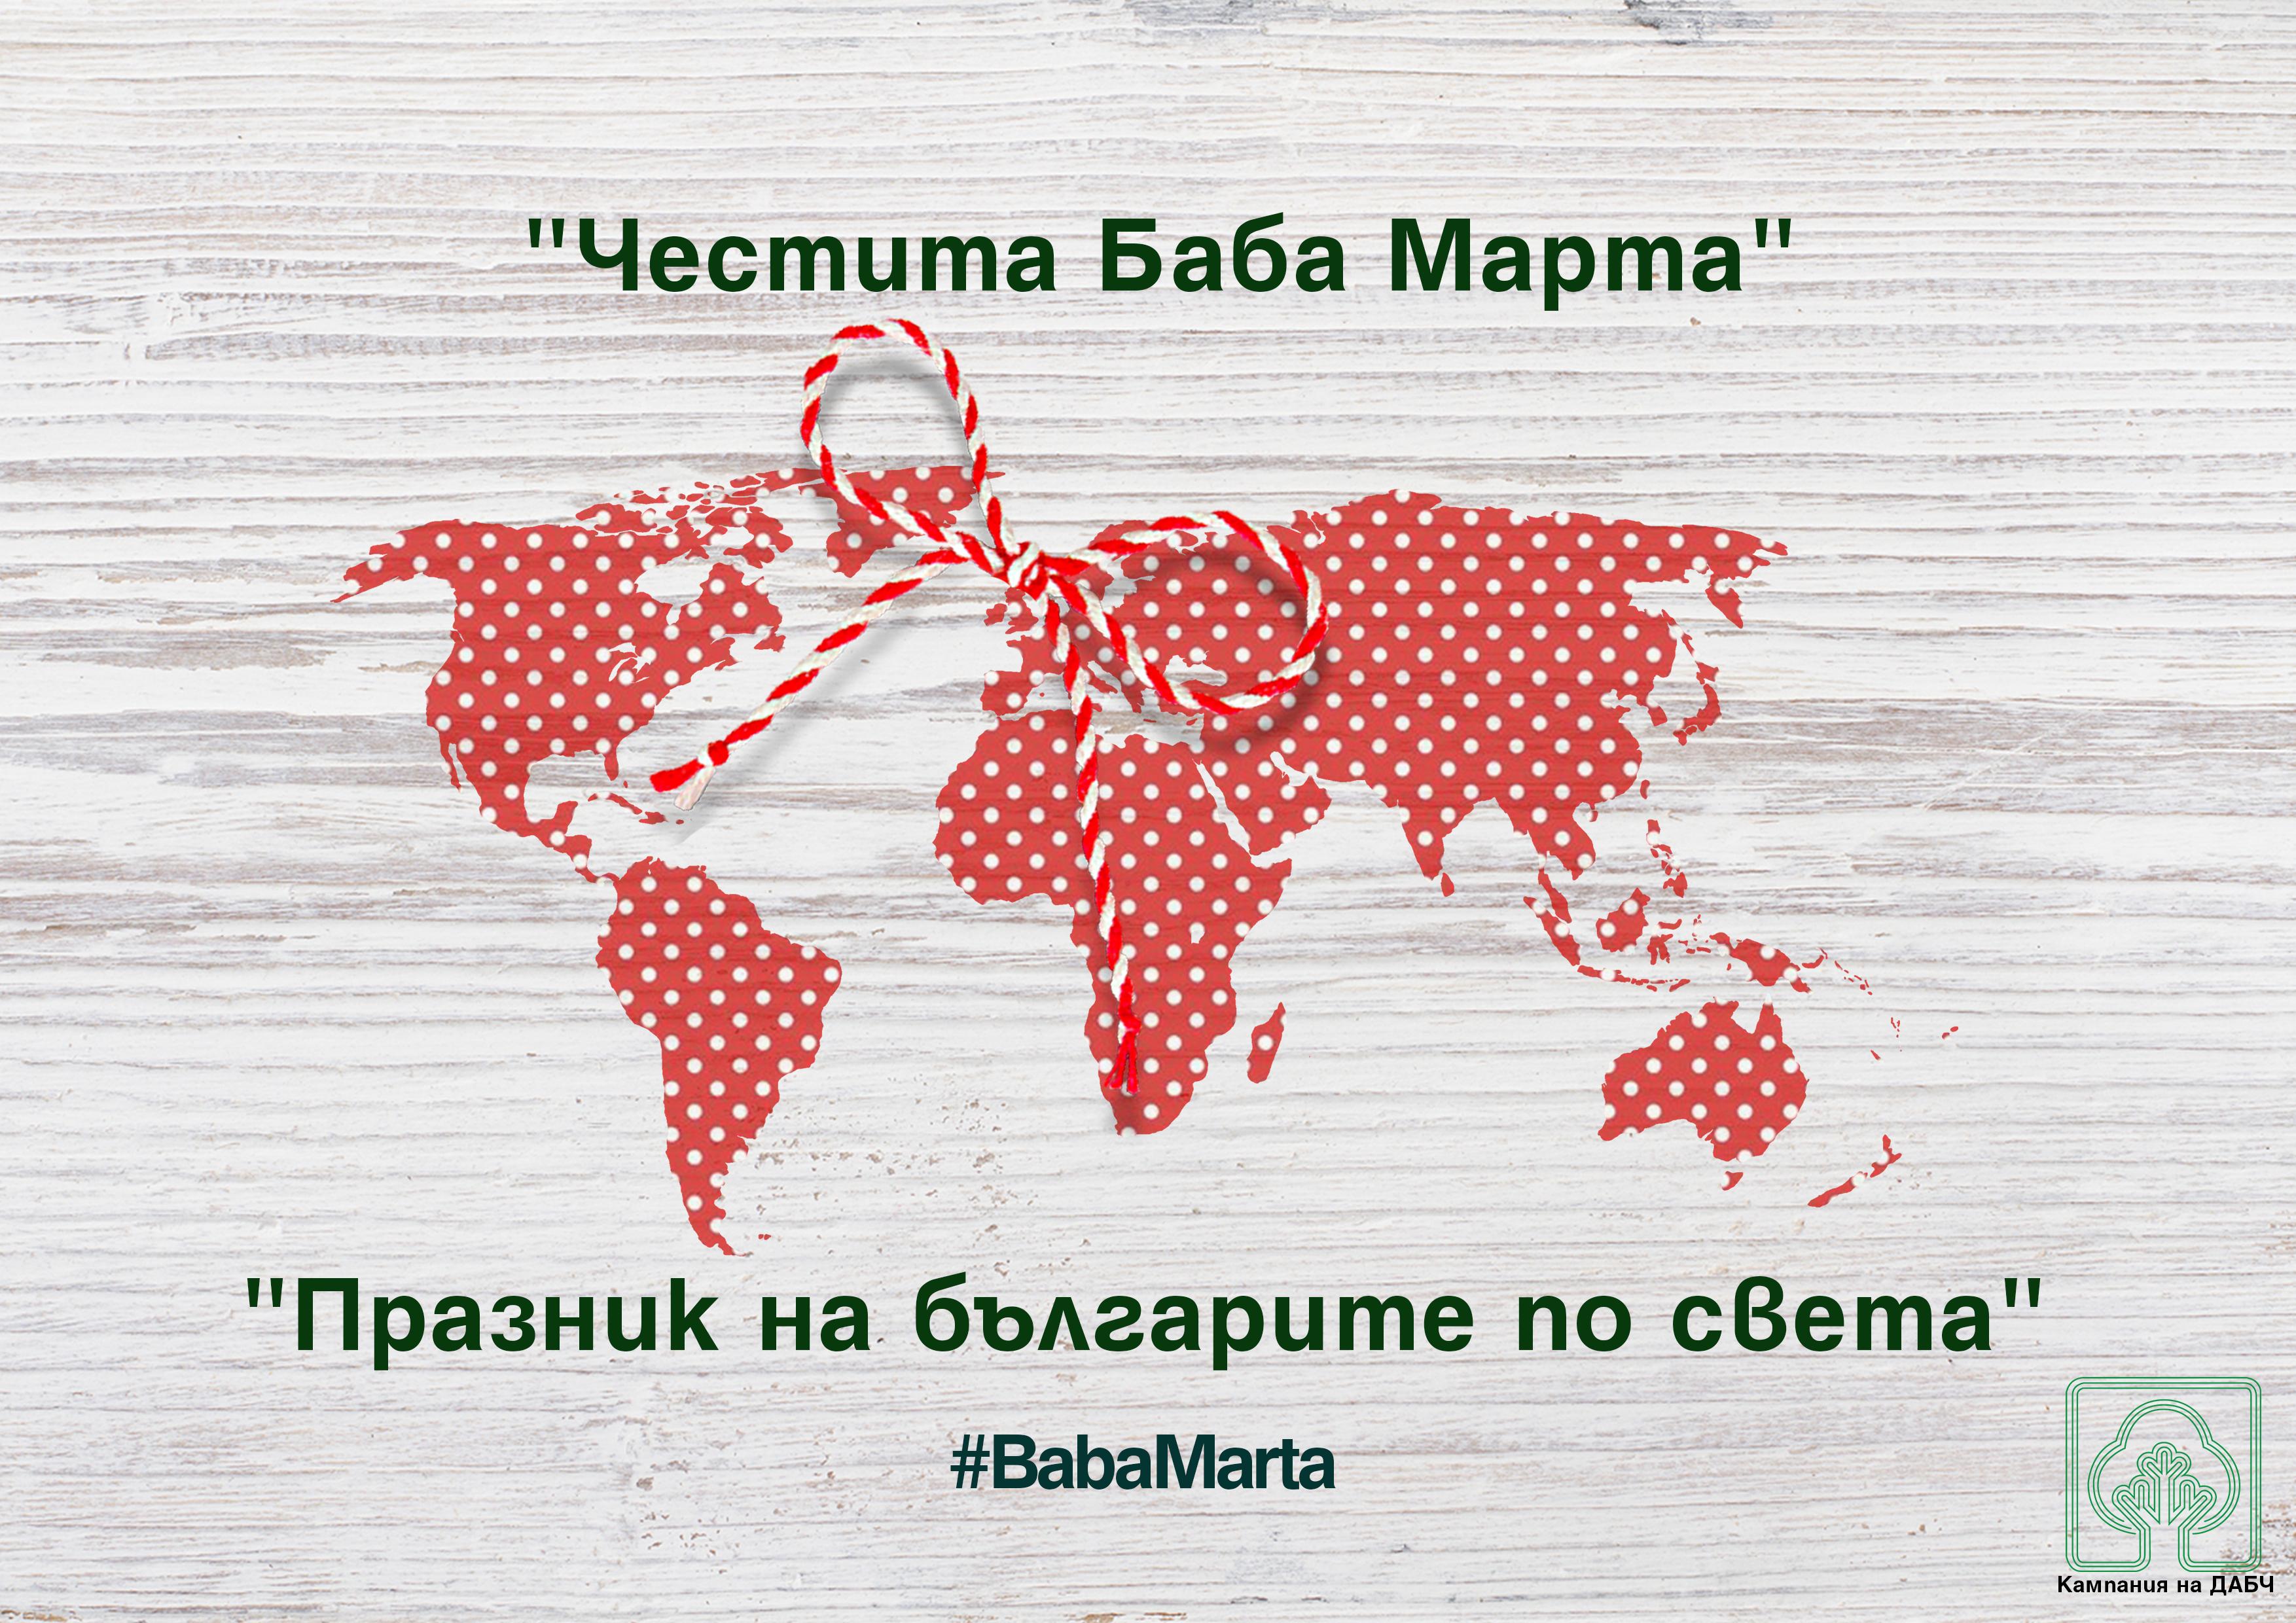 #BabaMarta